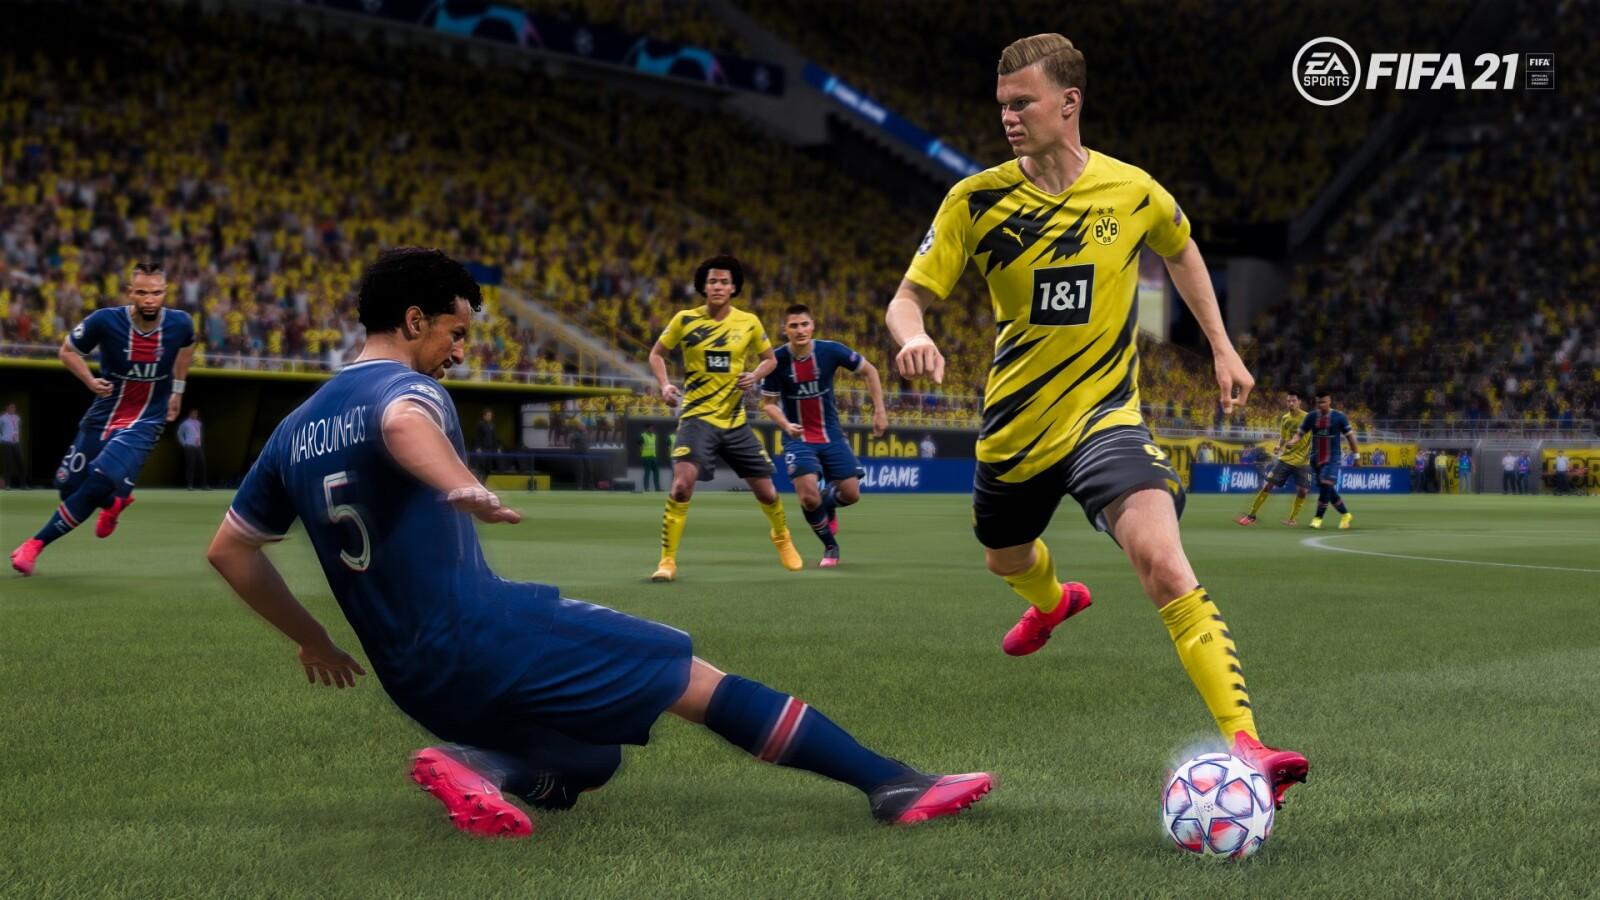 FIFA 21 FUT: Seltenes Mega-Pack nur noch für kurze Zeit leicht zu haben